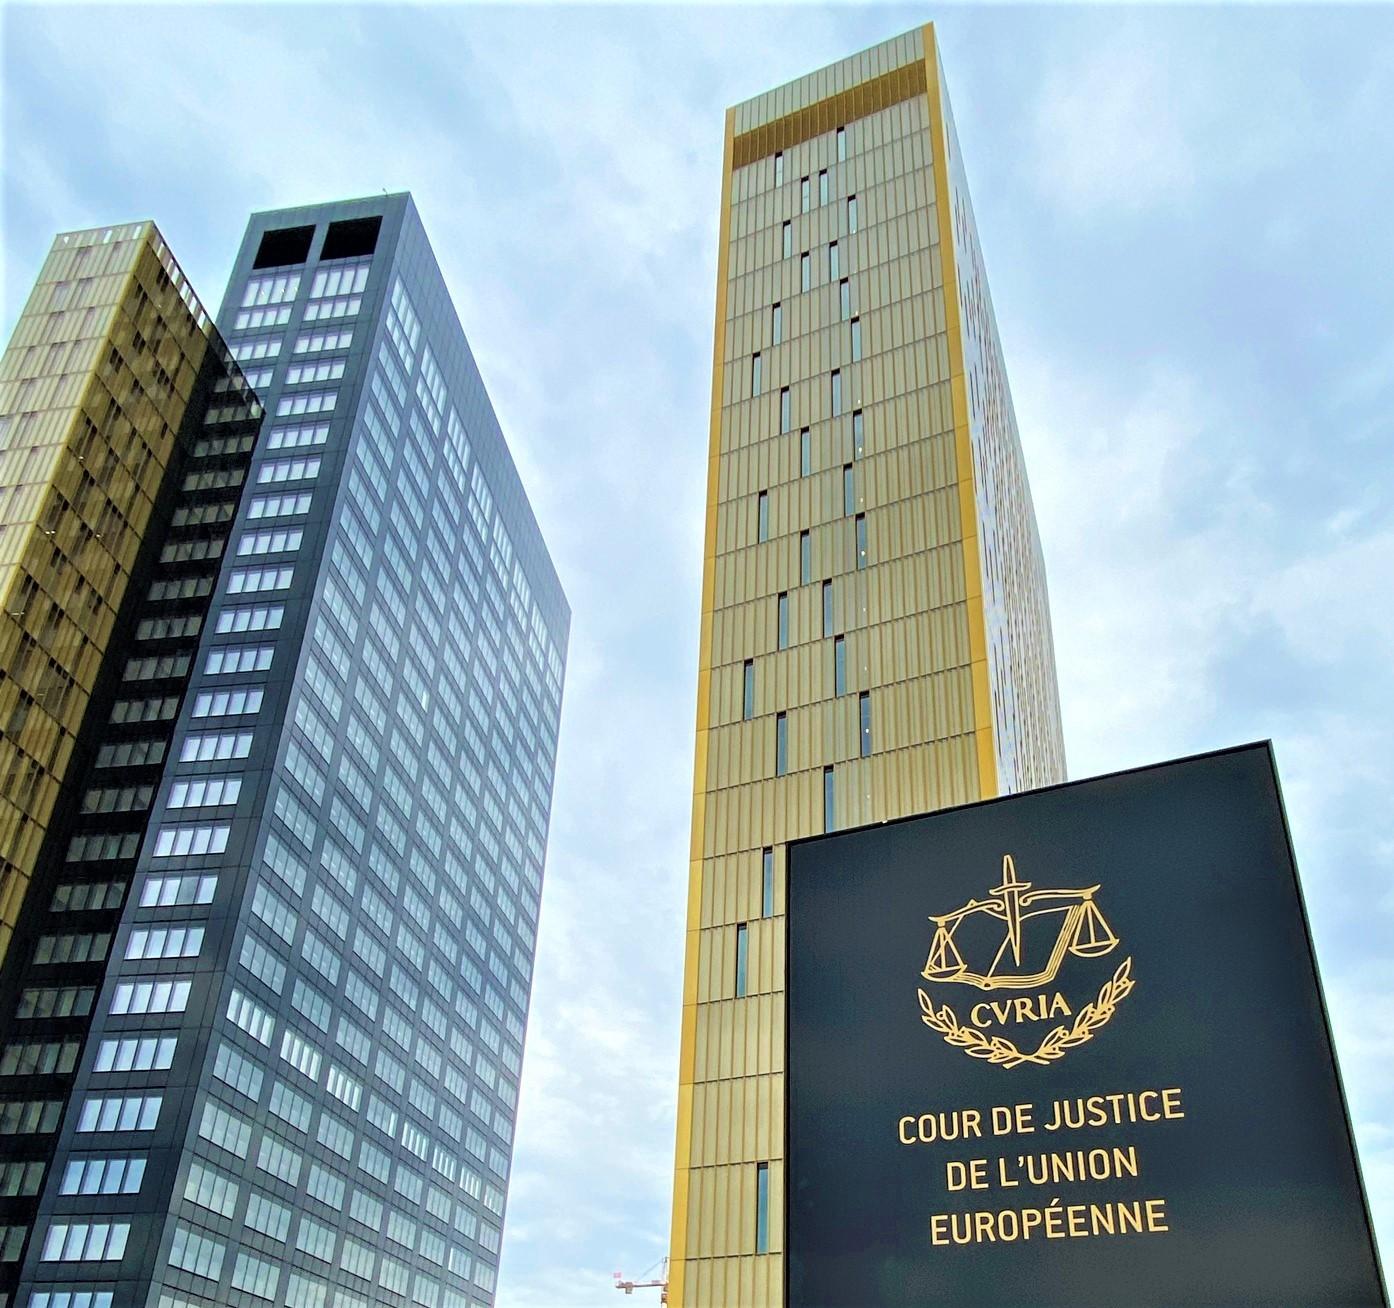 Europos Sąjungos Teisingumo Teismo būstinė Liuksemburge iš lauko